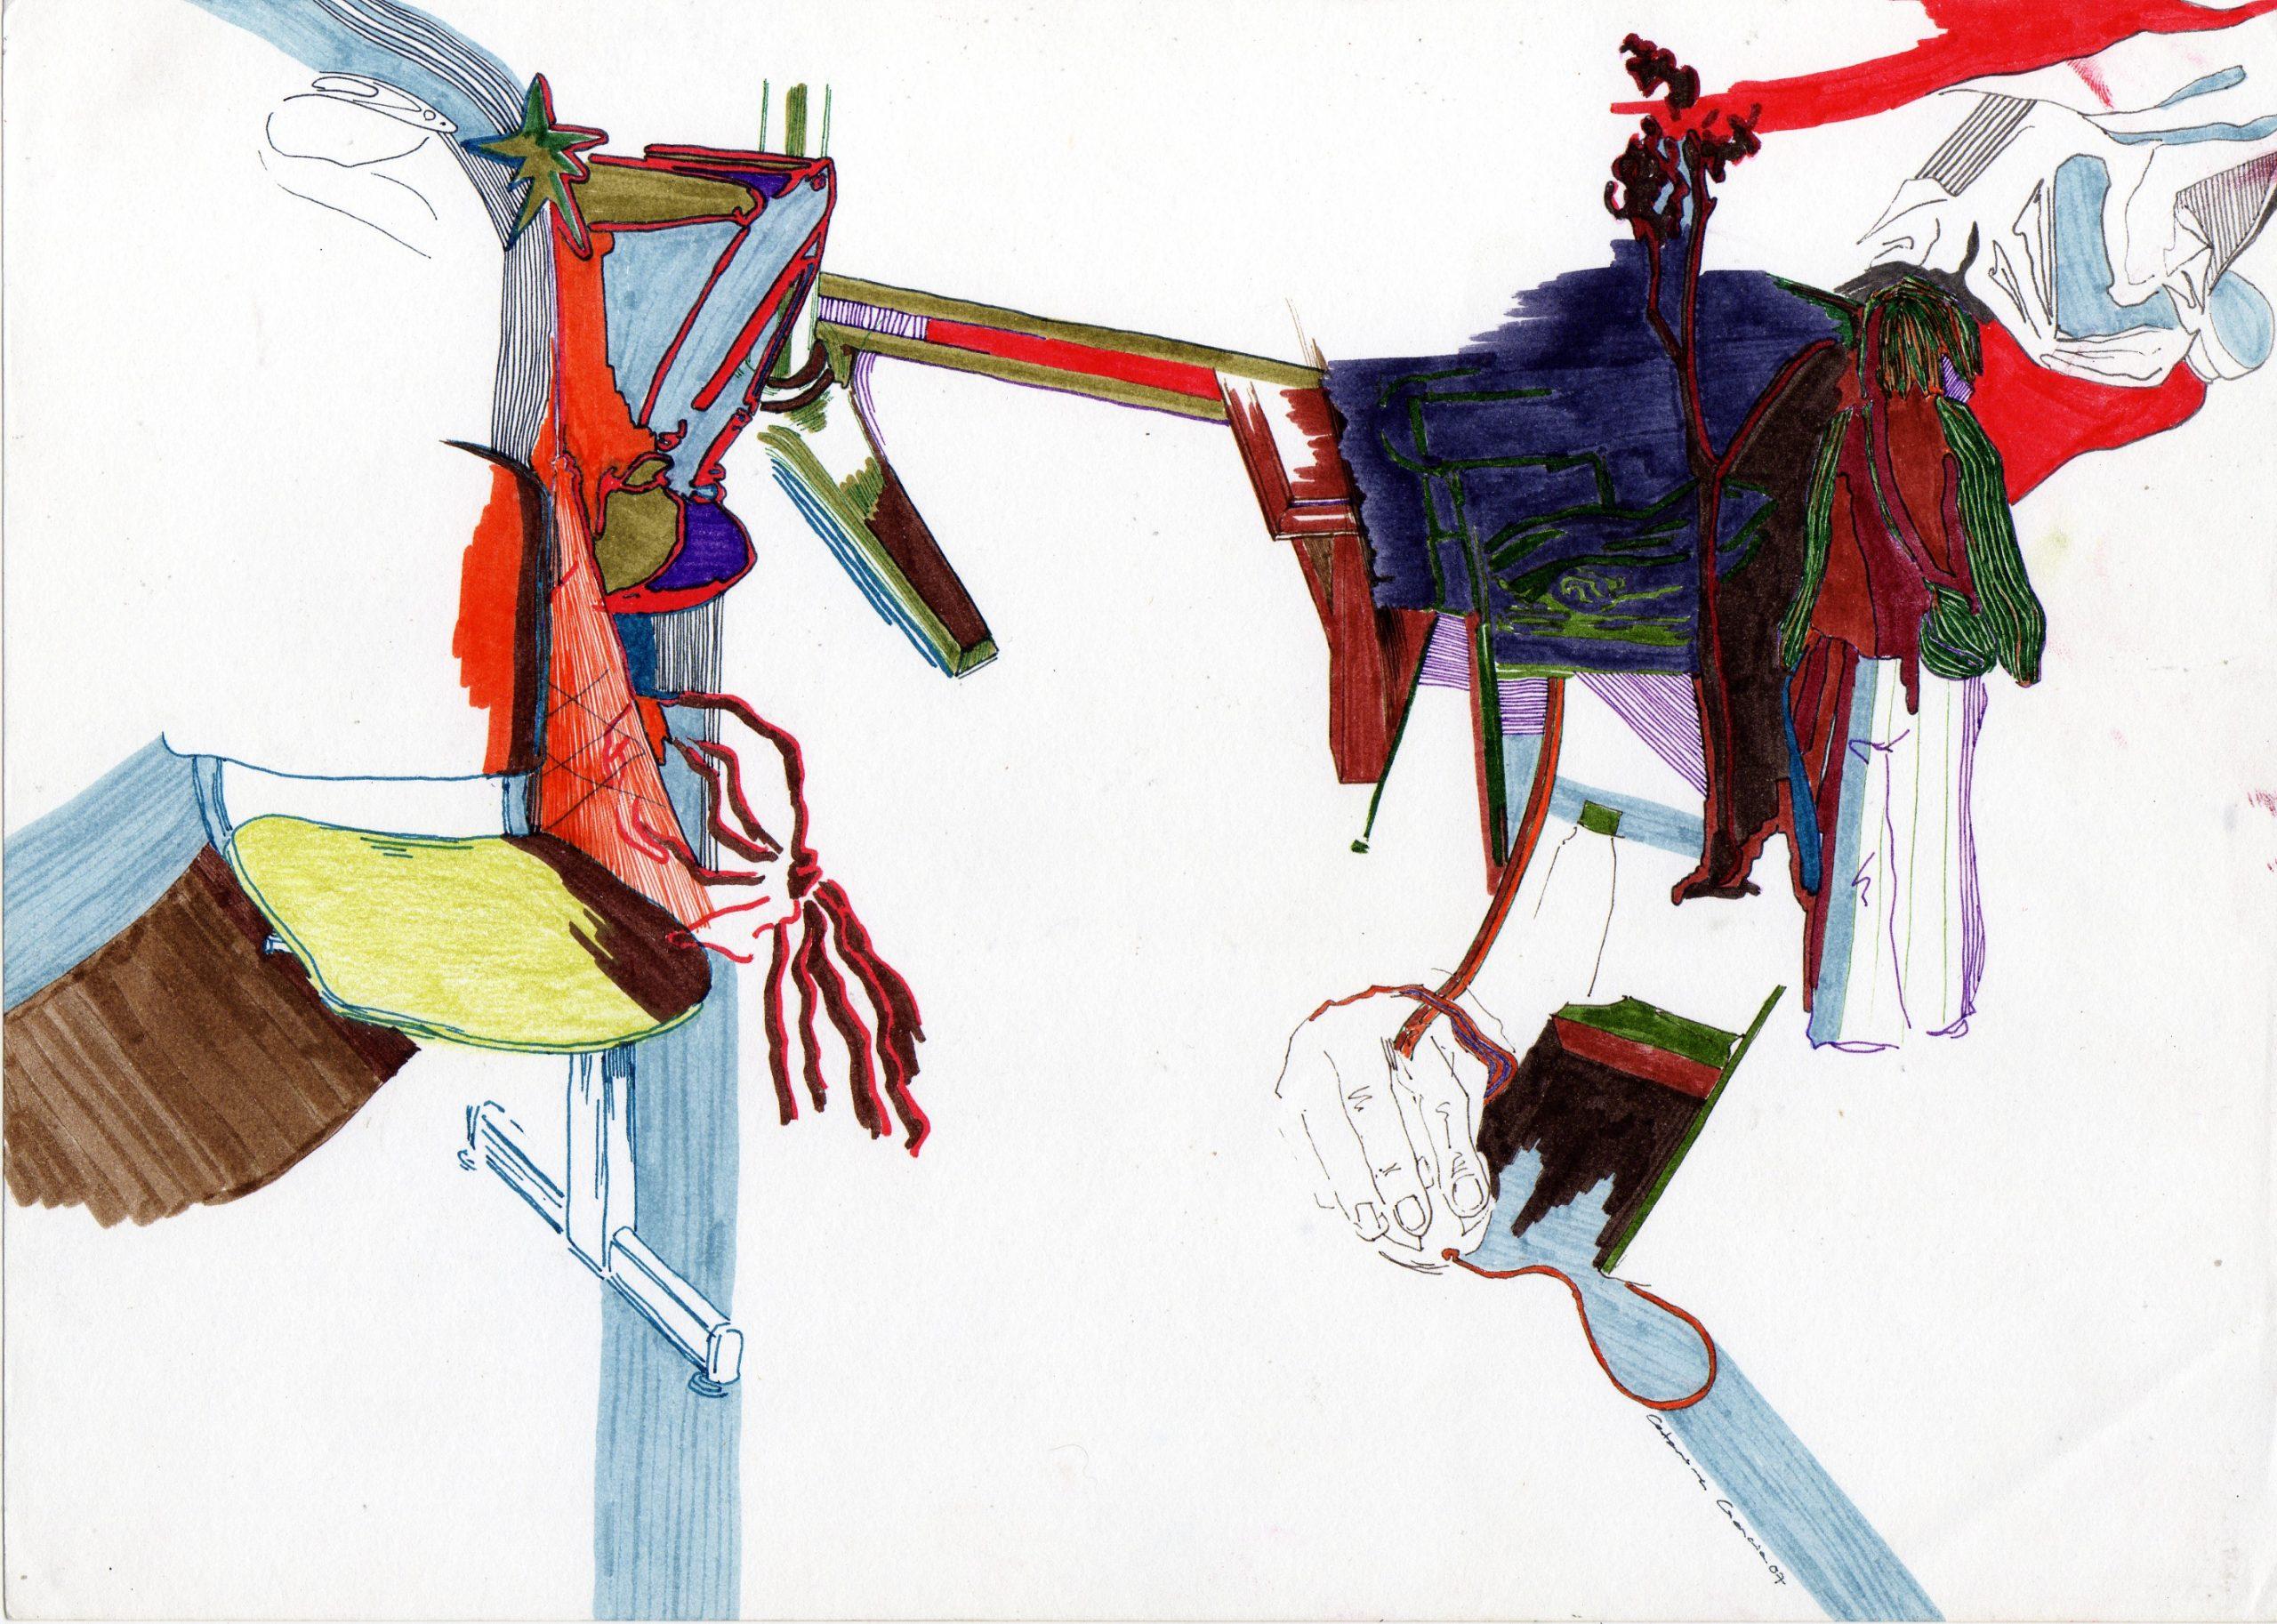 Composição 4_MEDIO_2007, caneta de feltro e lapis de cor, 21cm x 29,5